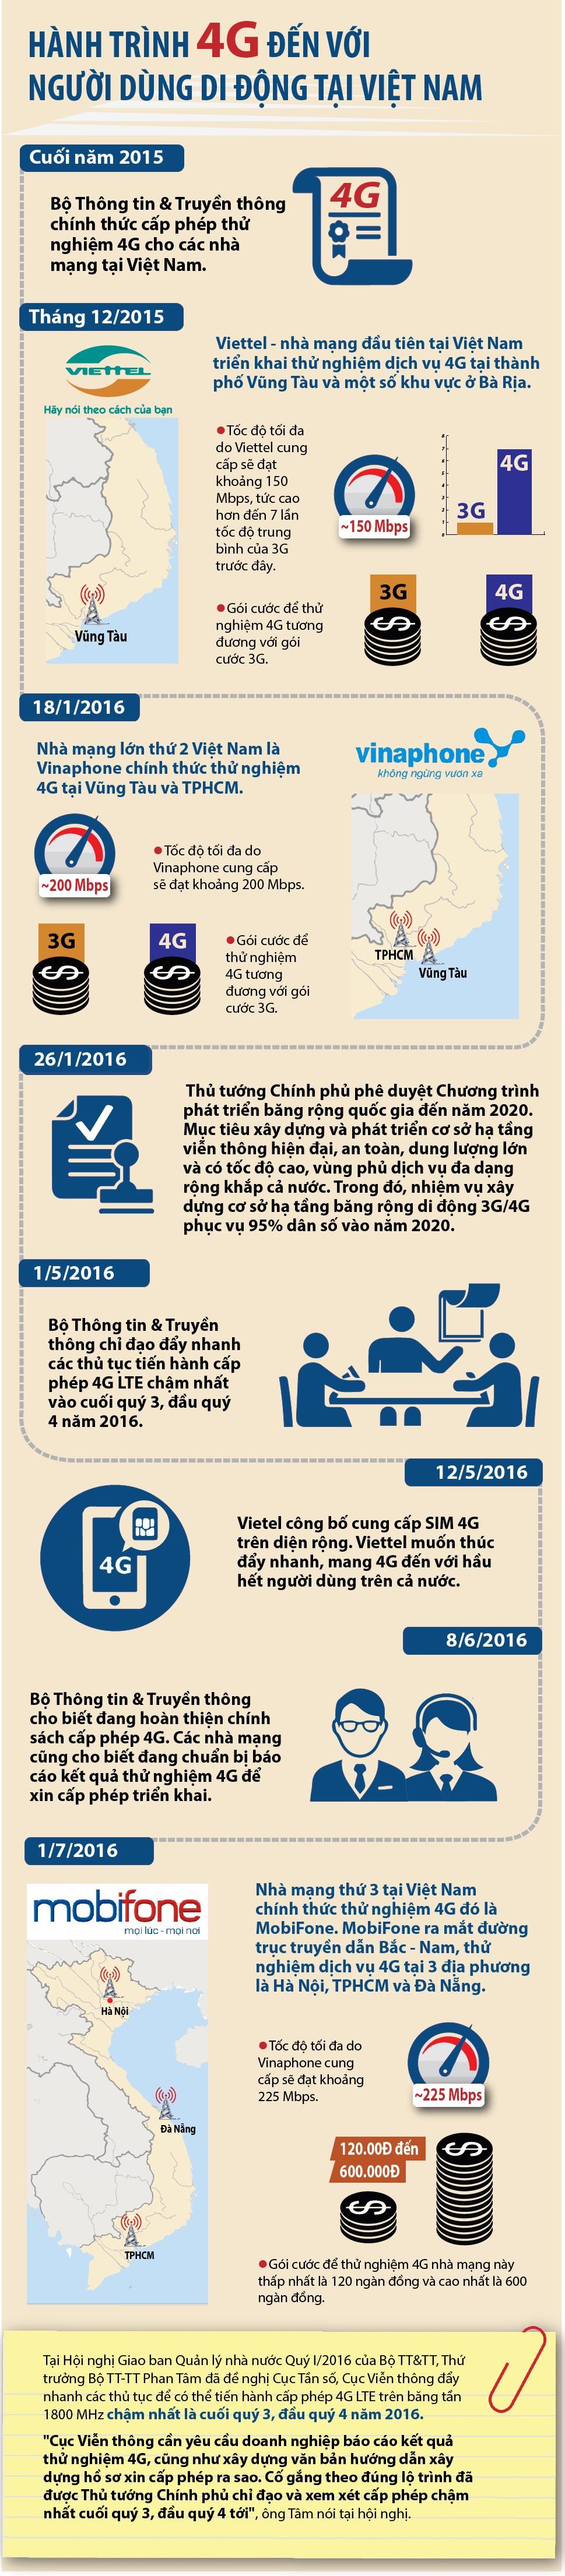 [Infographics] Hành trình 4G đến với người dùng di động tại Việt Nam - 1